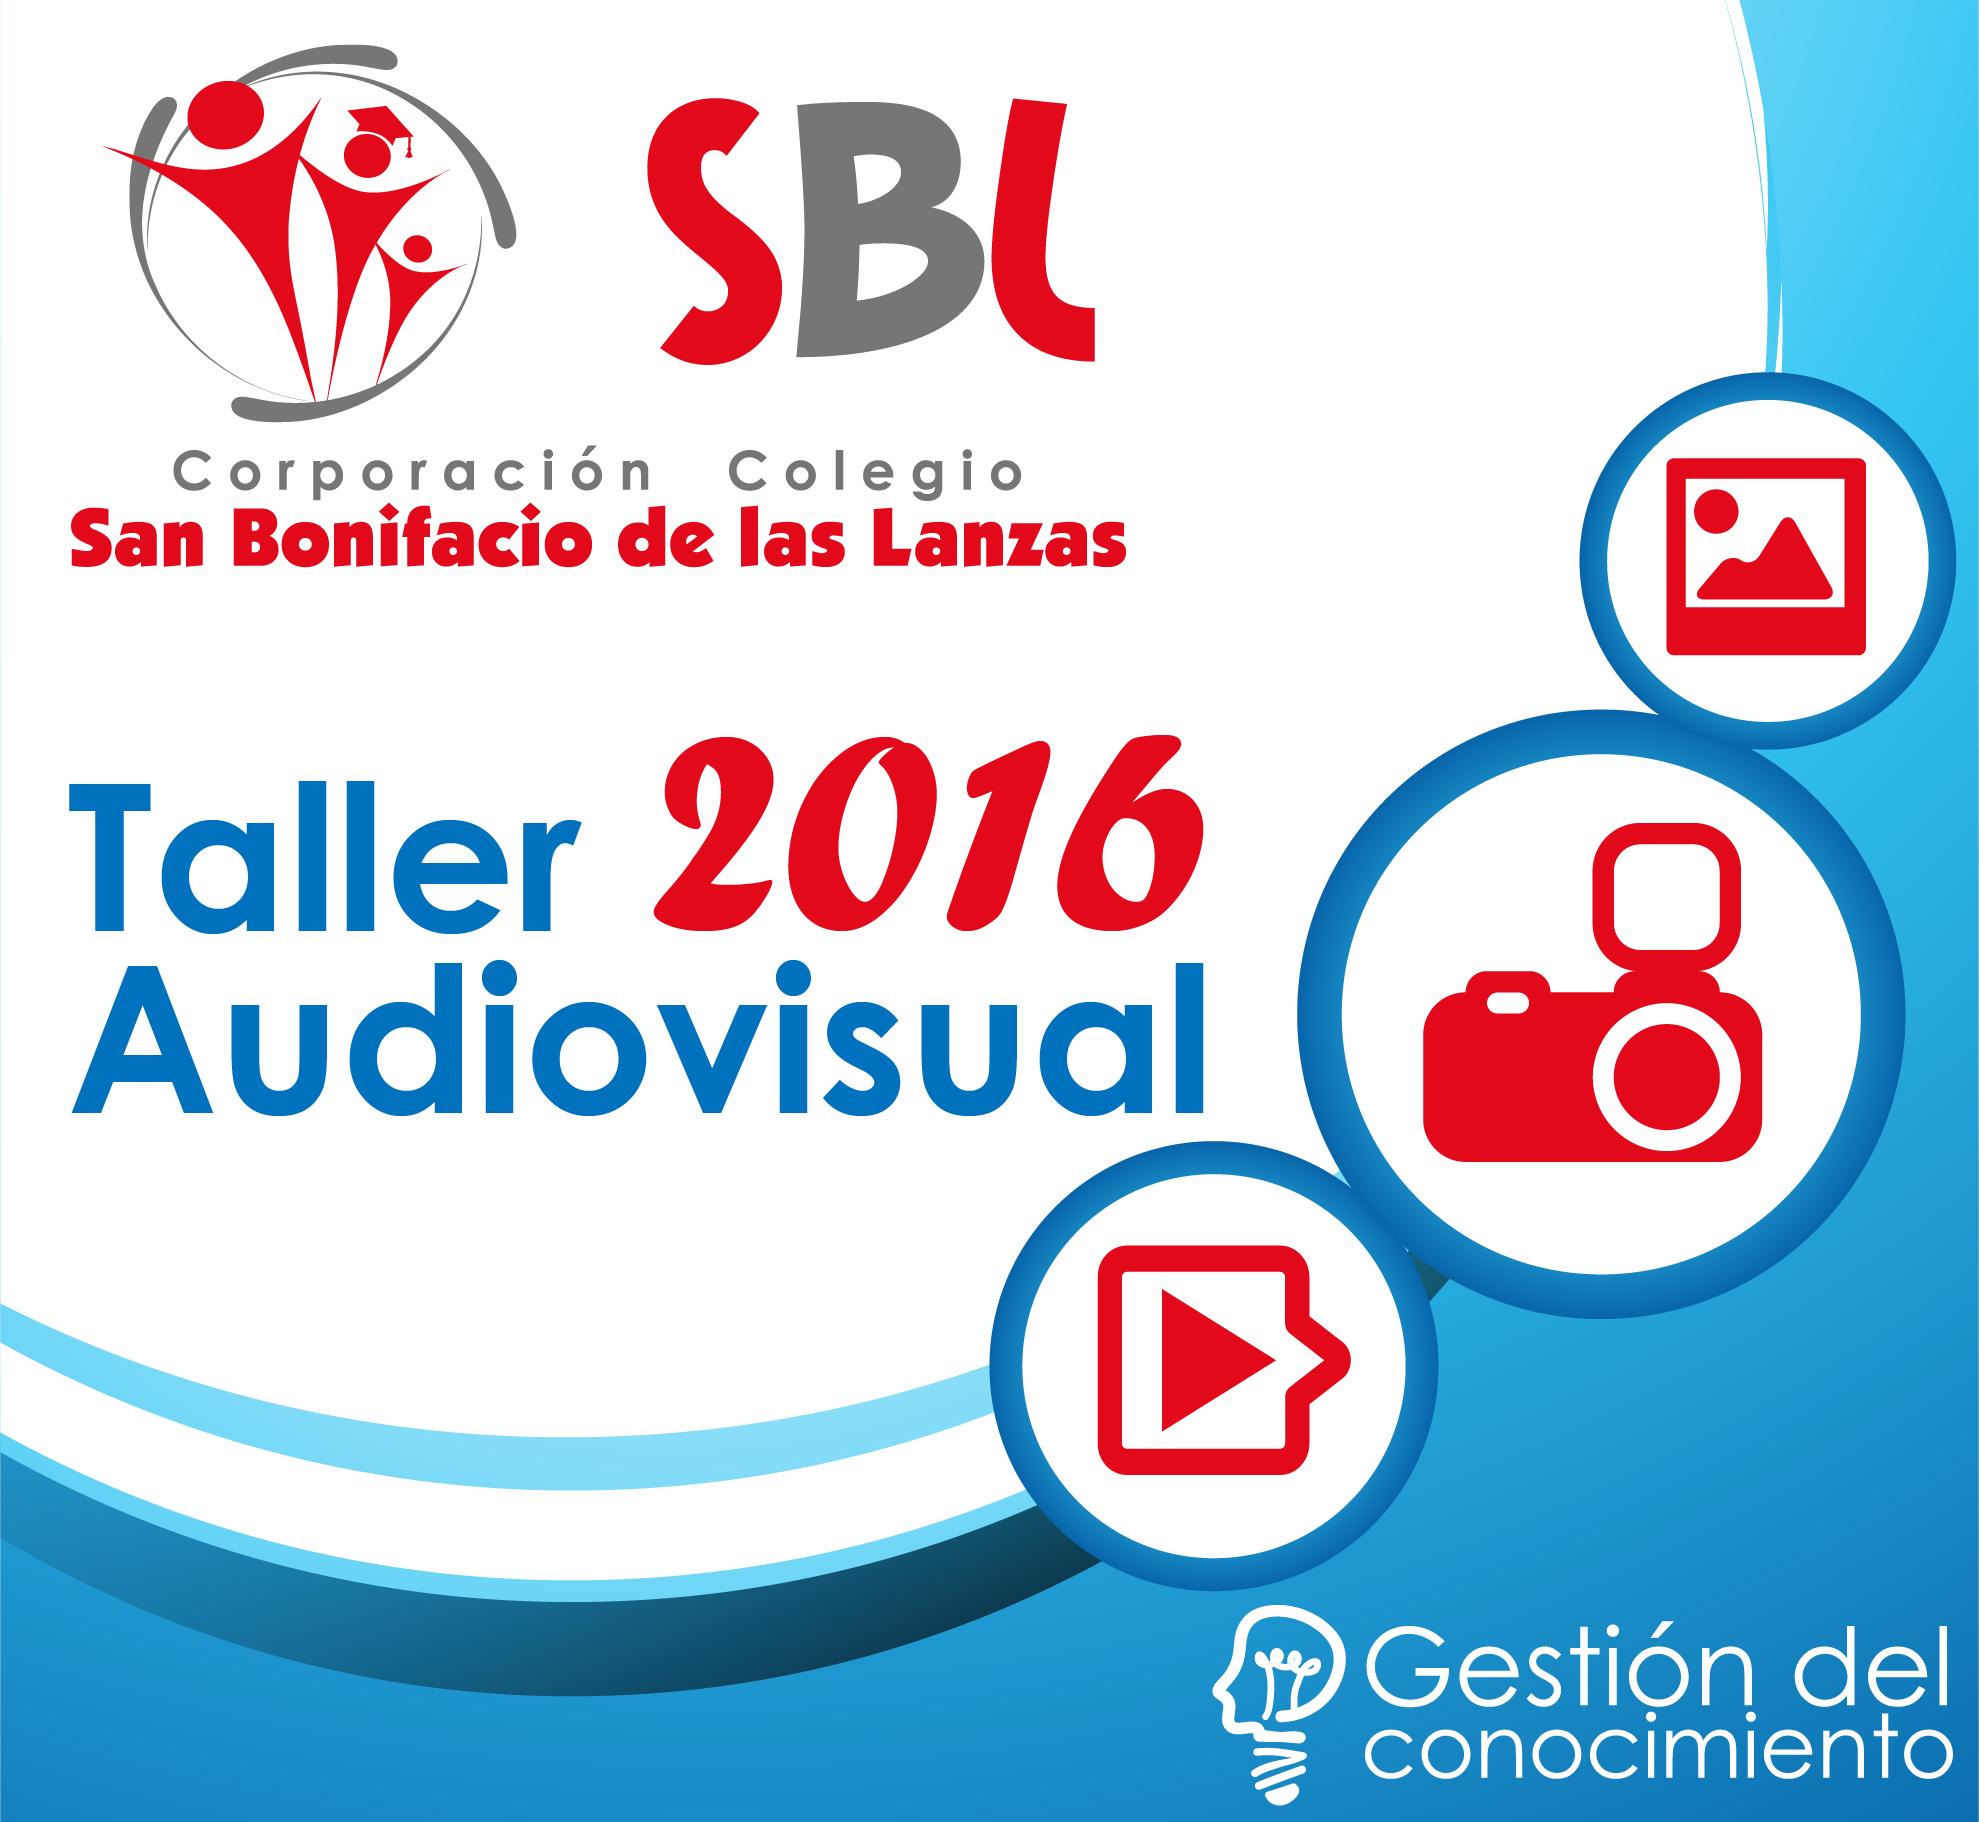 Taller audiovisual Sanboni 2016 por Equipo de Gestión del Conocimiento